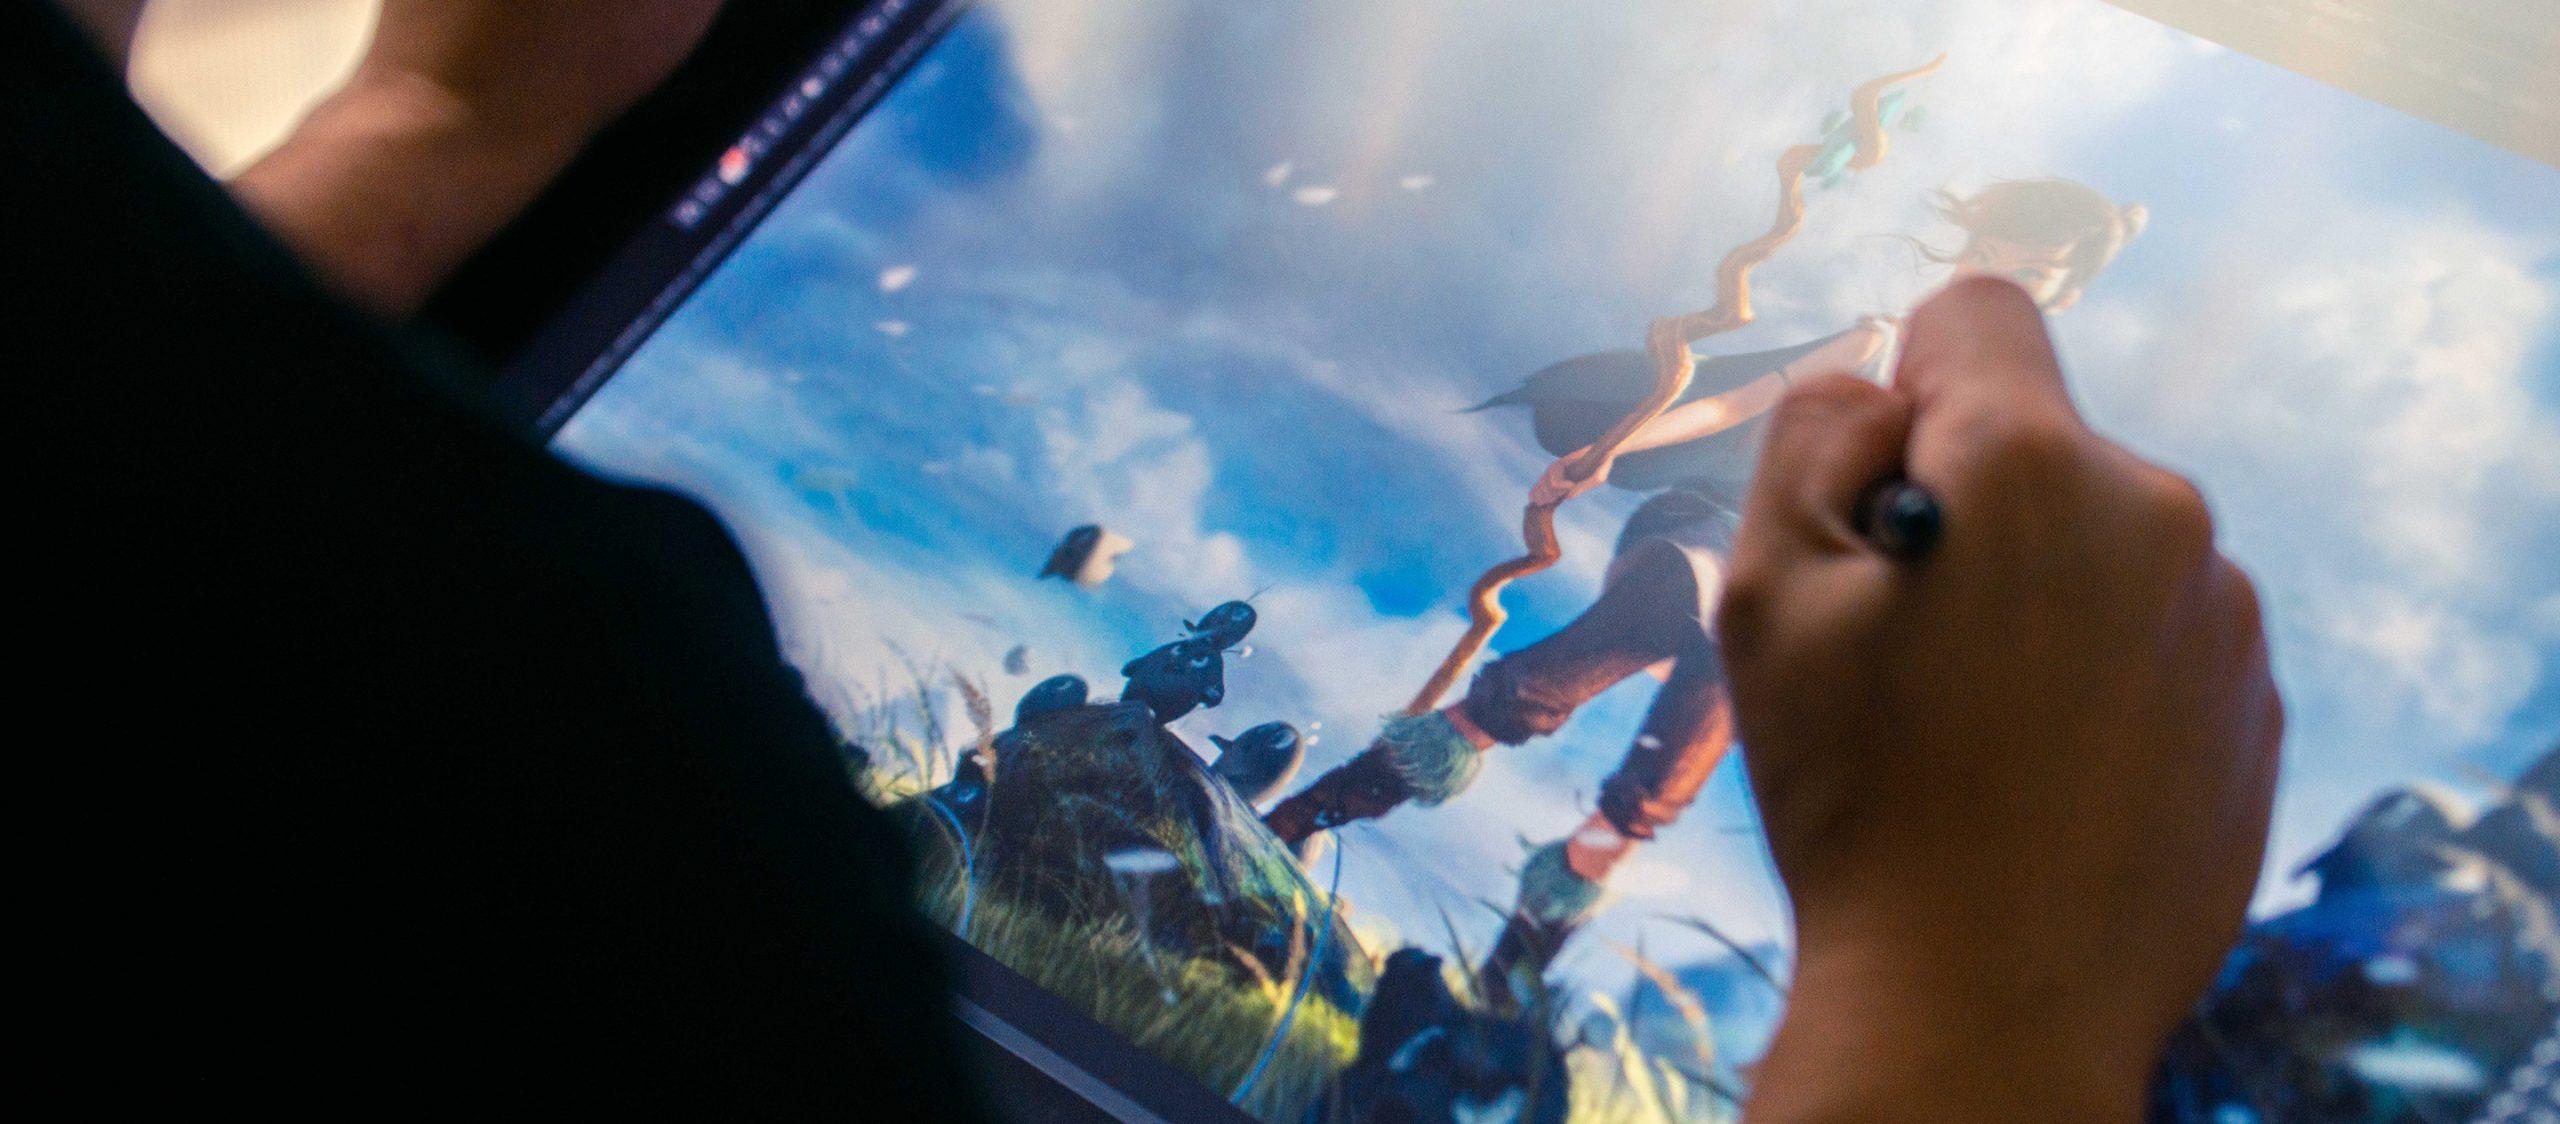 วิค–วันชนะ อินทรสมบัติ คนไทยผู้ร่วมออกแบบงานศิลป์ให้กับ Kena: Bridge of Spirits วิดีโอเกมระดับโลก